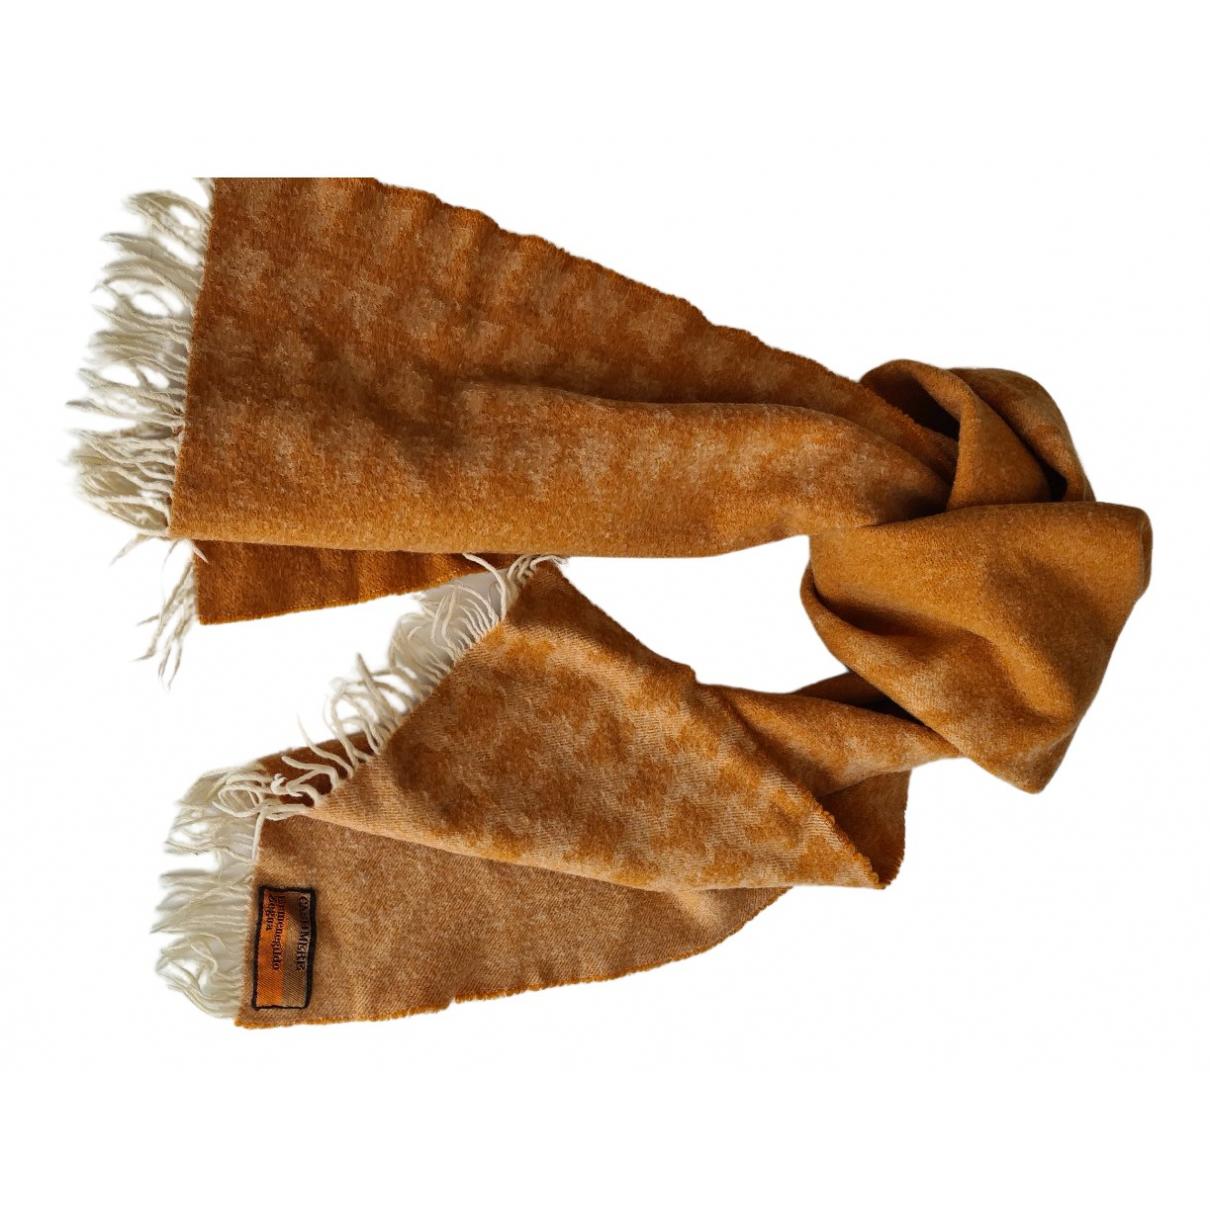 Pañuelo / bufanda de Cachemira Ermenegildo Zegna